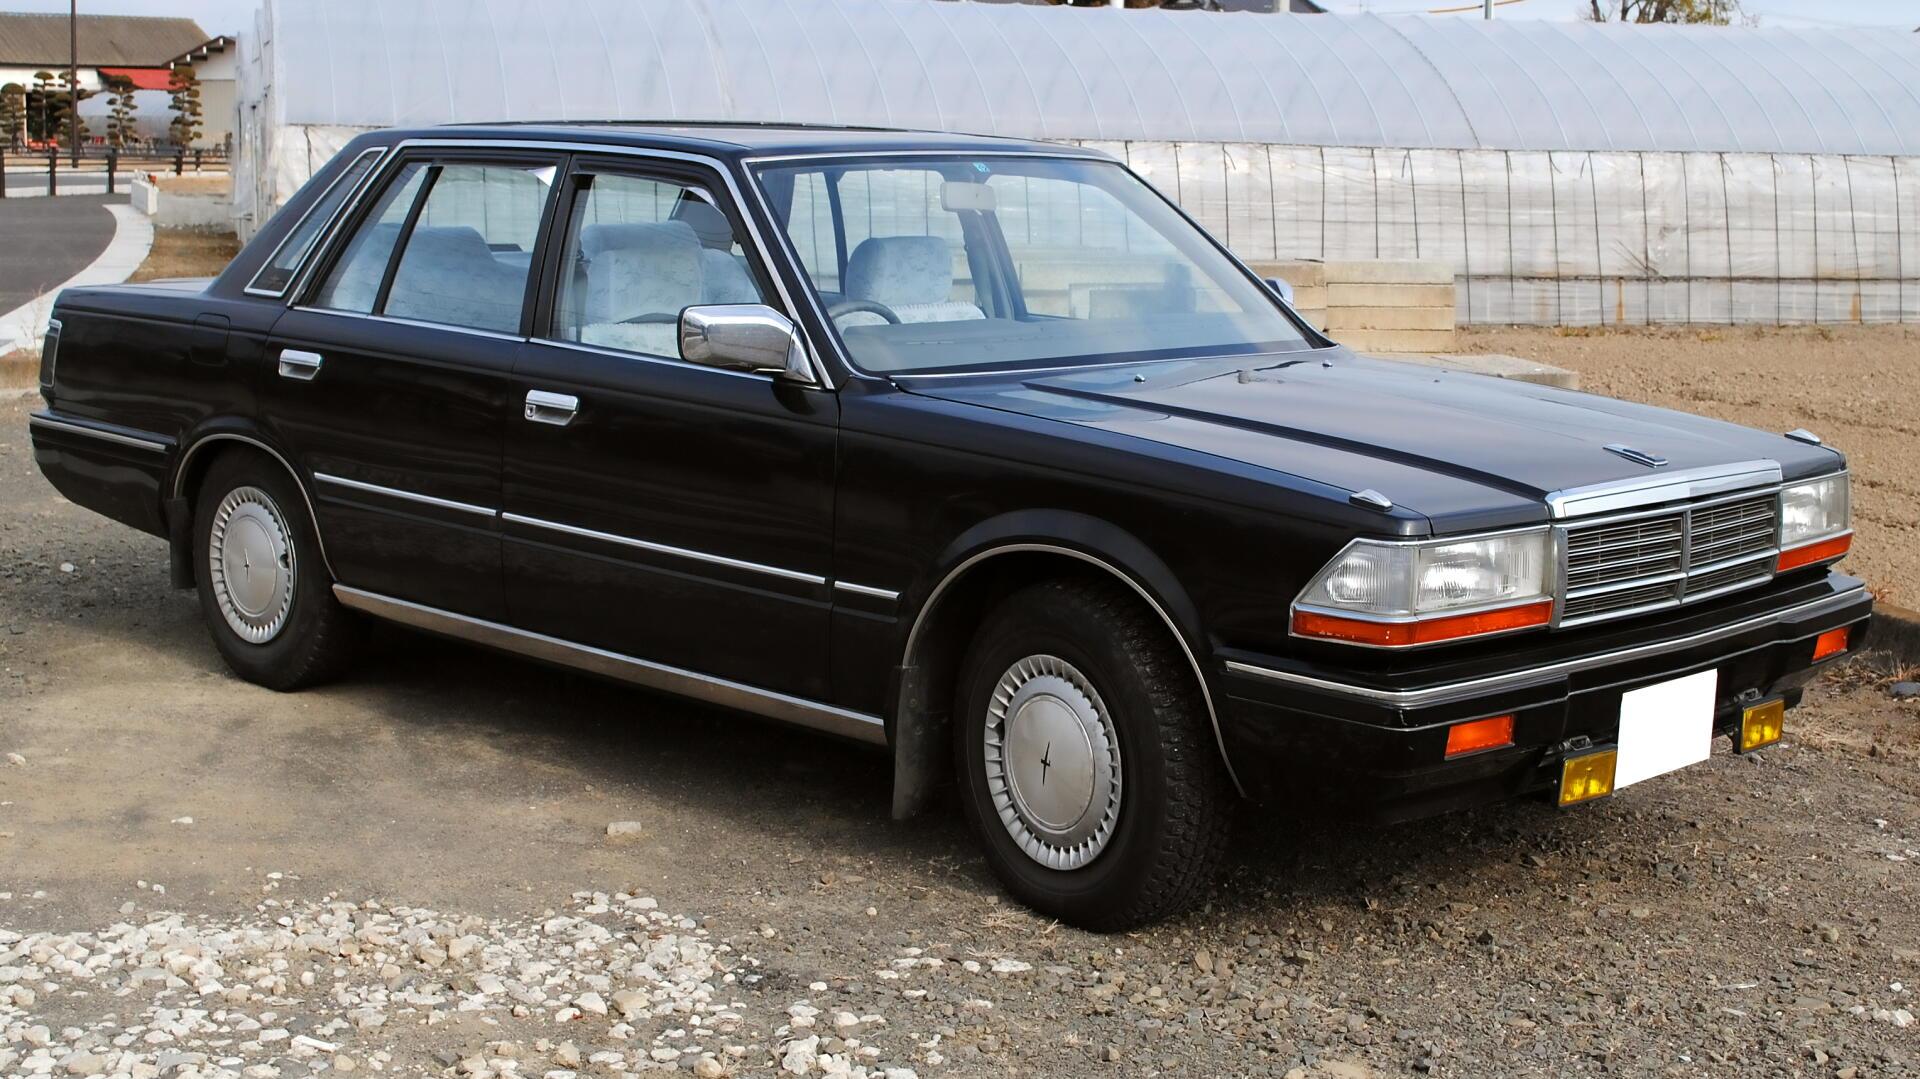 Nissan Gloria VI (430) 1979 - 1983 Sedan-Hardtop #3